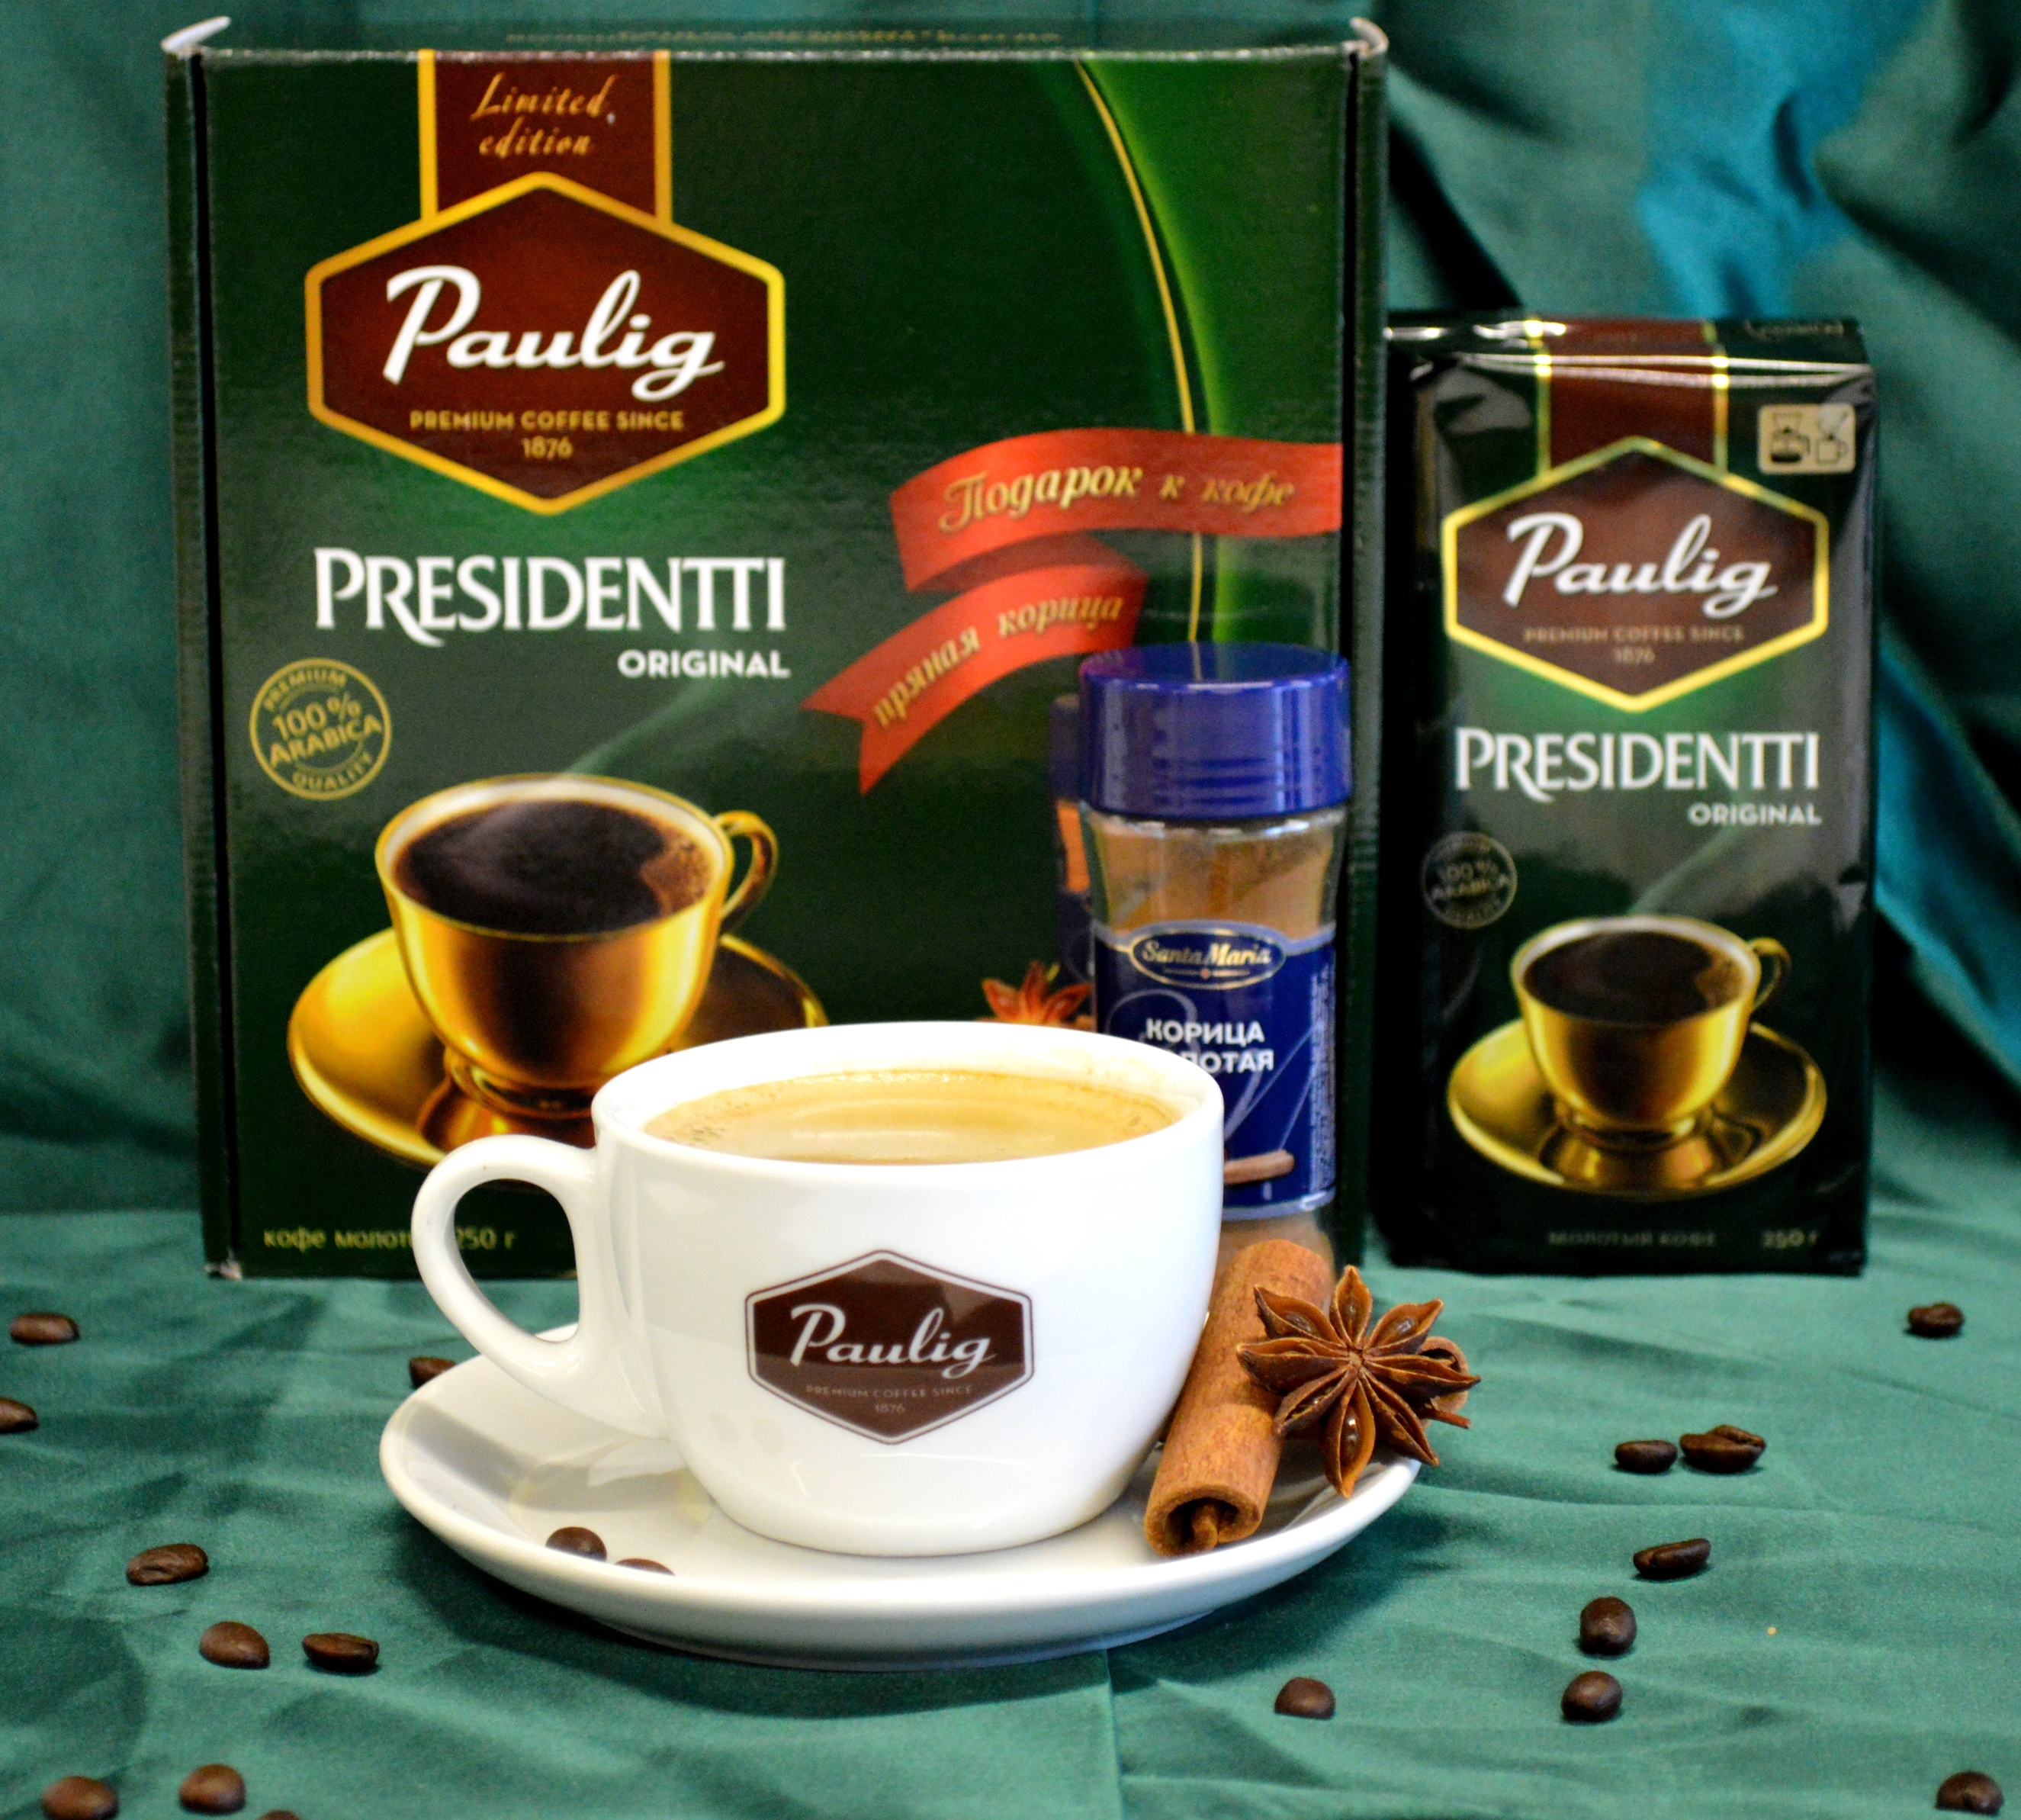 Кофе paulig presidentti: история возникновения бренда, ассортимент и отзывы